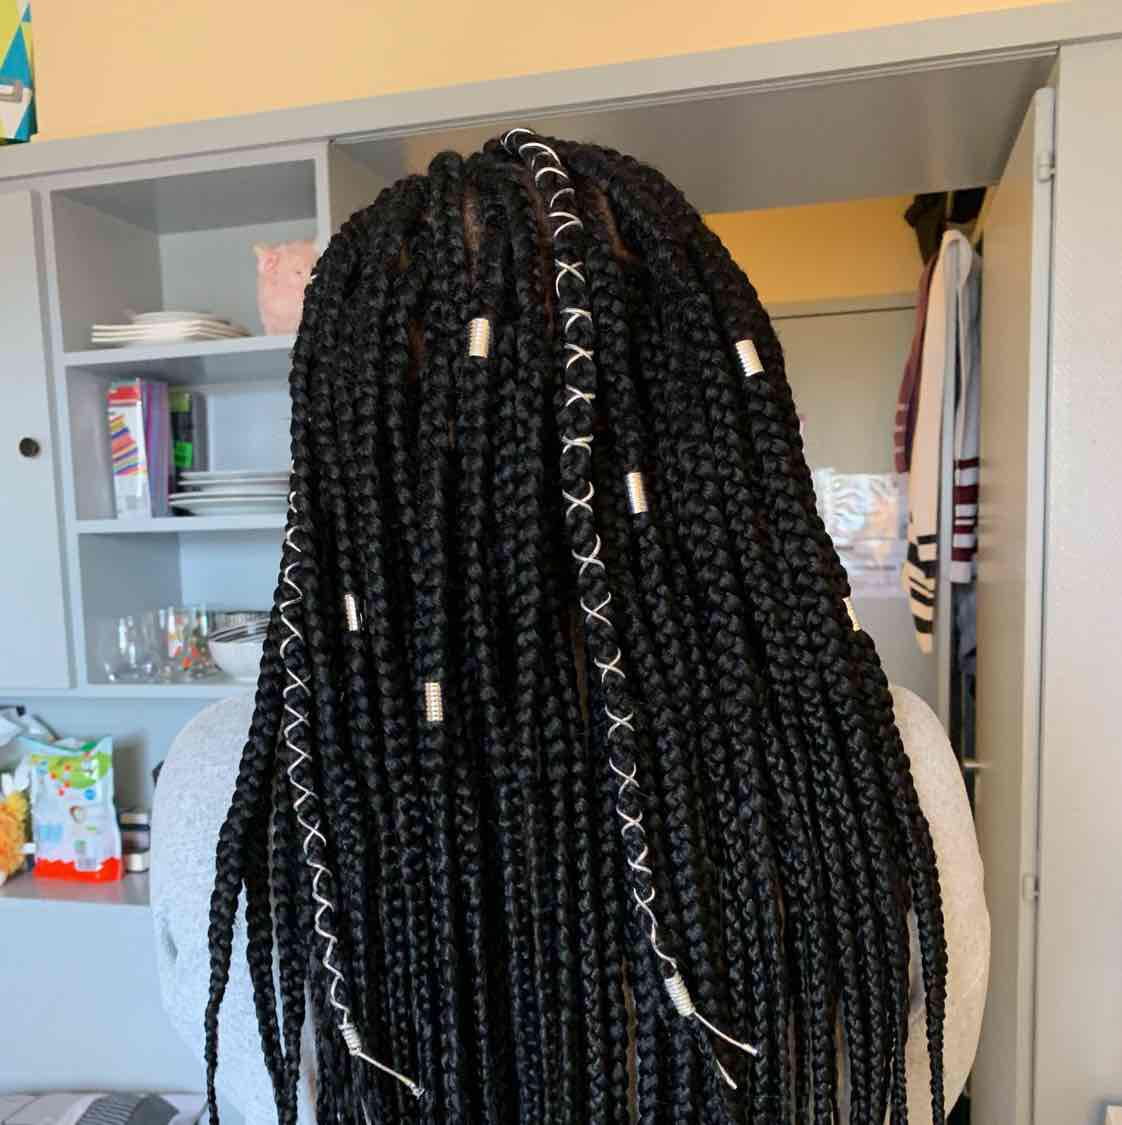 salon de coiffure afro tresse tresses box braids crochet braids vanilles tissages paris 75 77 78 91 92 93 94 95 UTXEYJRY